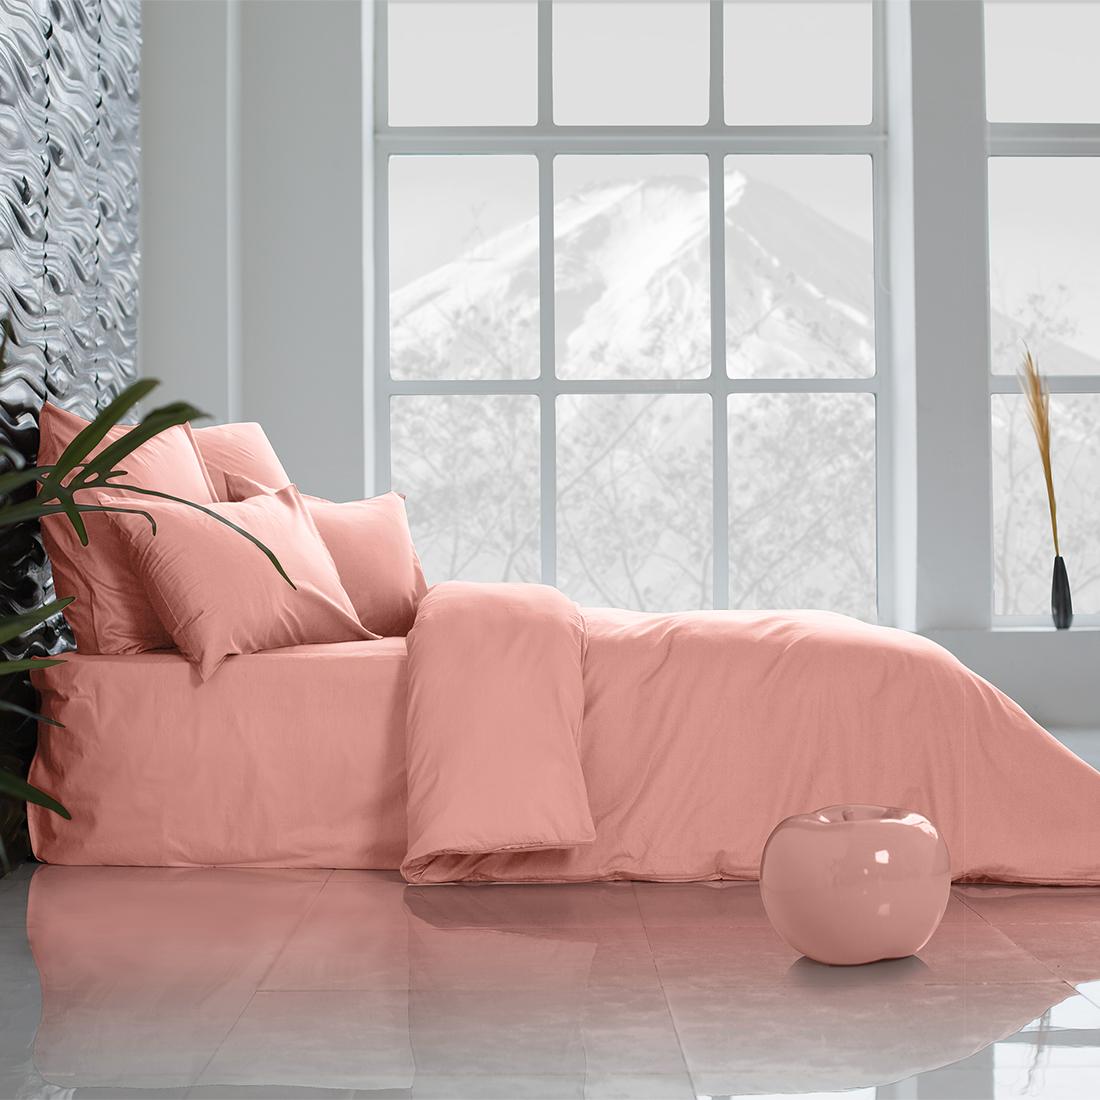 Комплекты постельного белья Sleep iX Постельное белье Perfection Цвет: Цветущий Георгин (2 сп. евро)